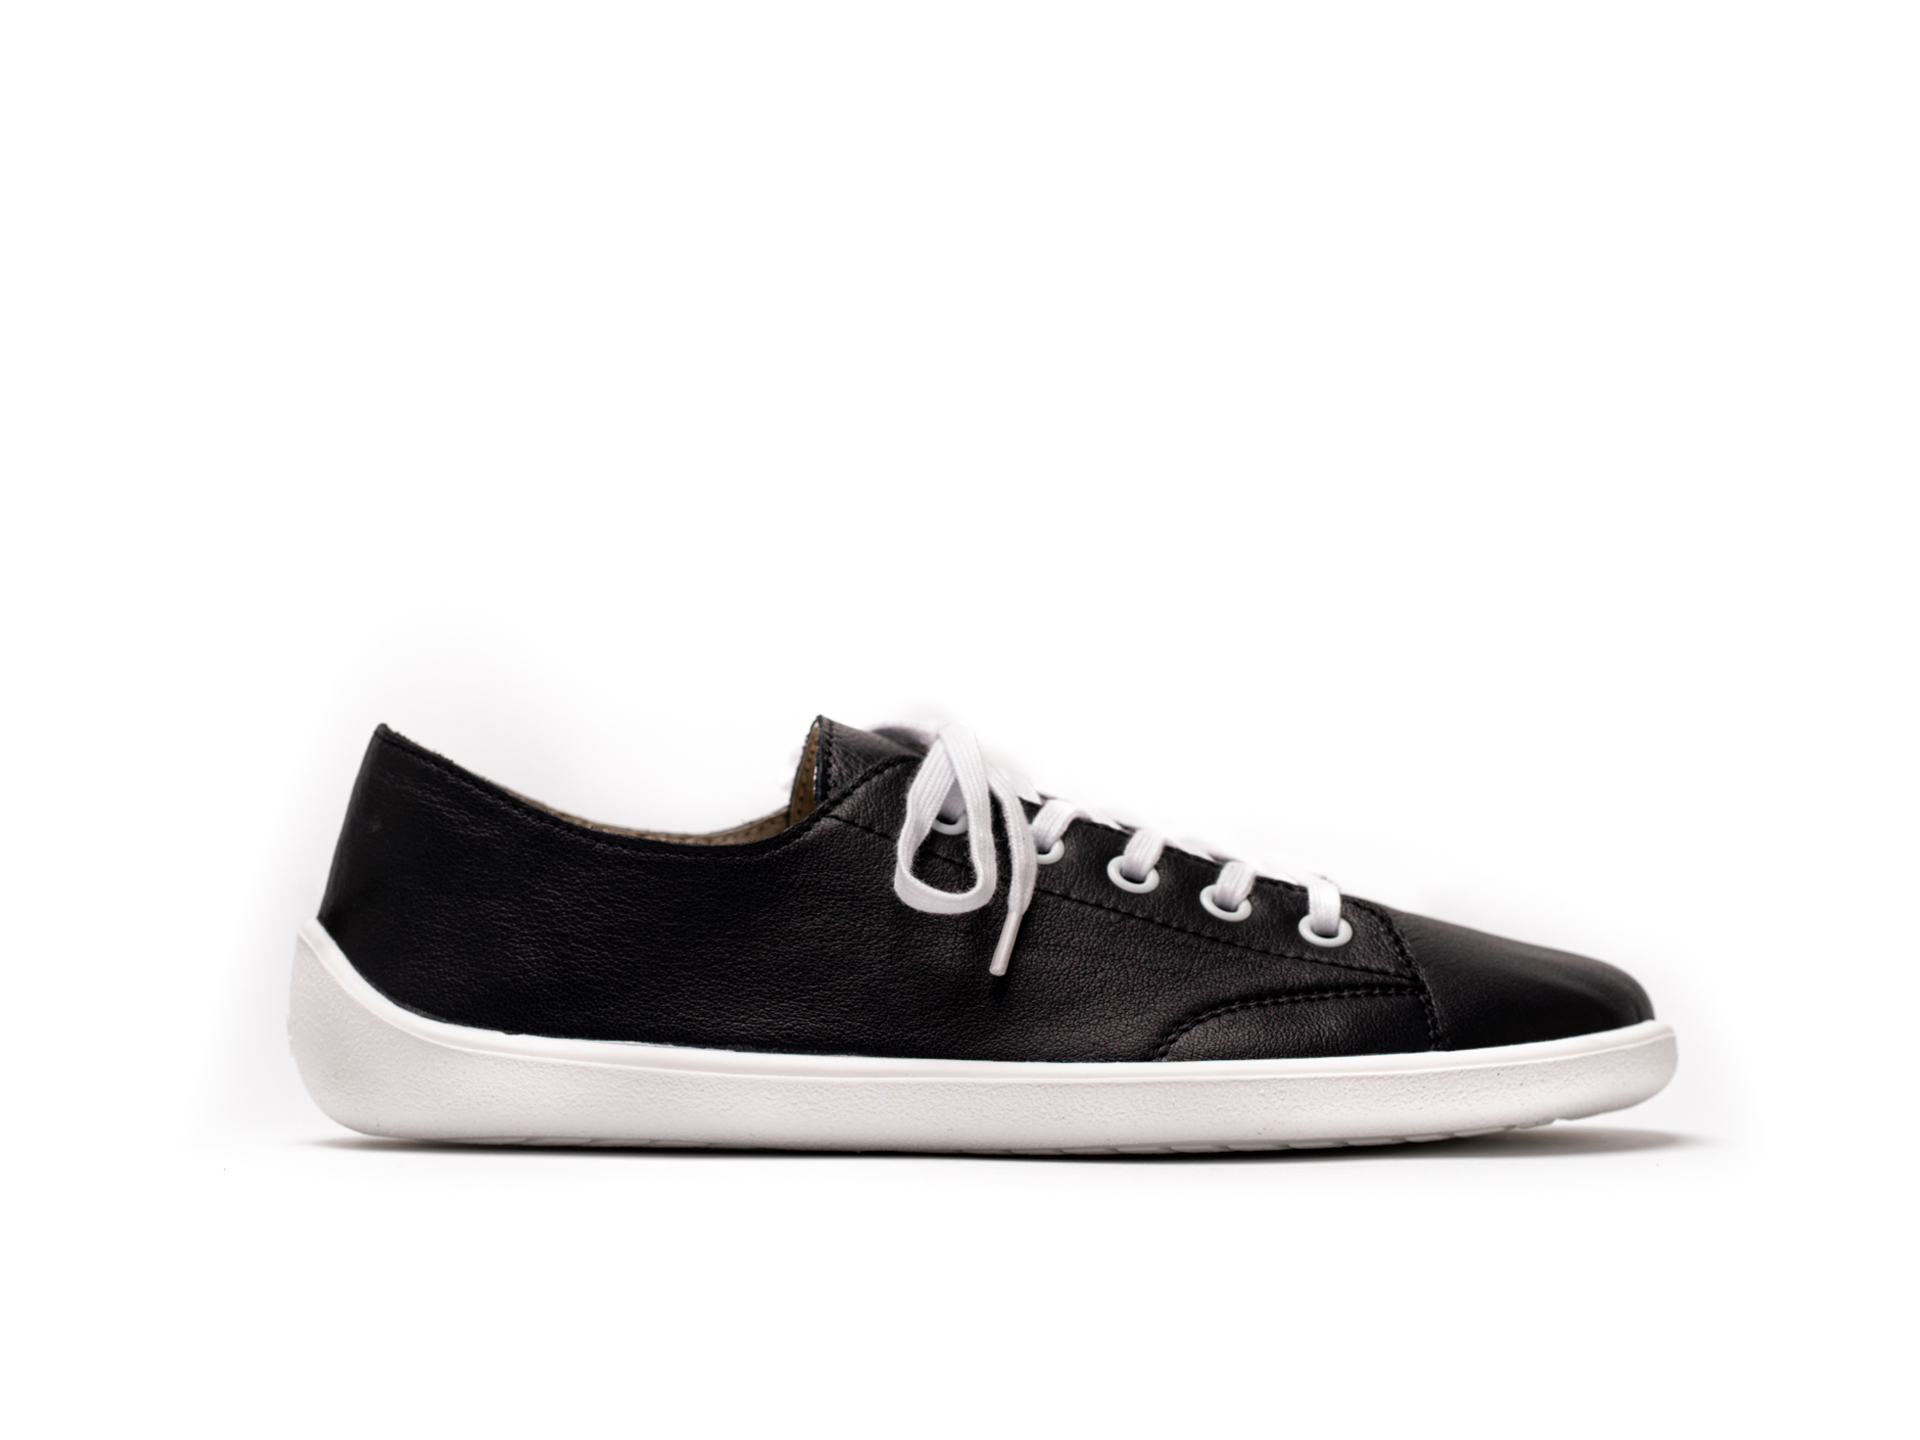 Barefoot Sneakers Be Lenka Prime - Black & White 44